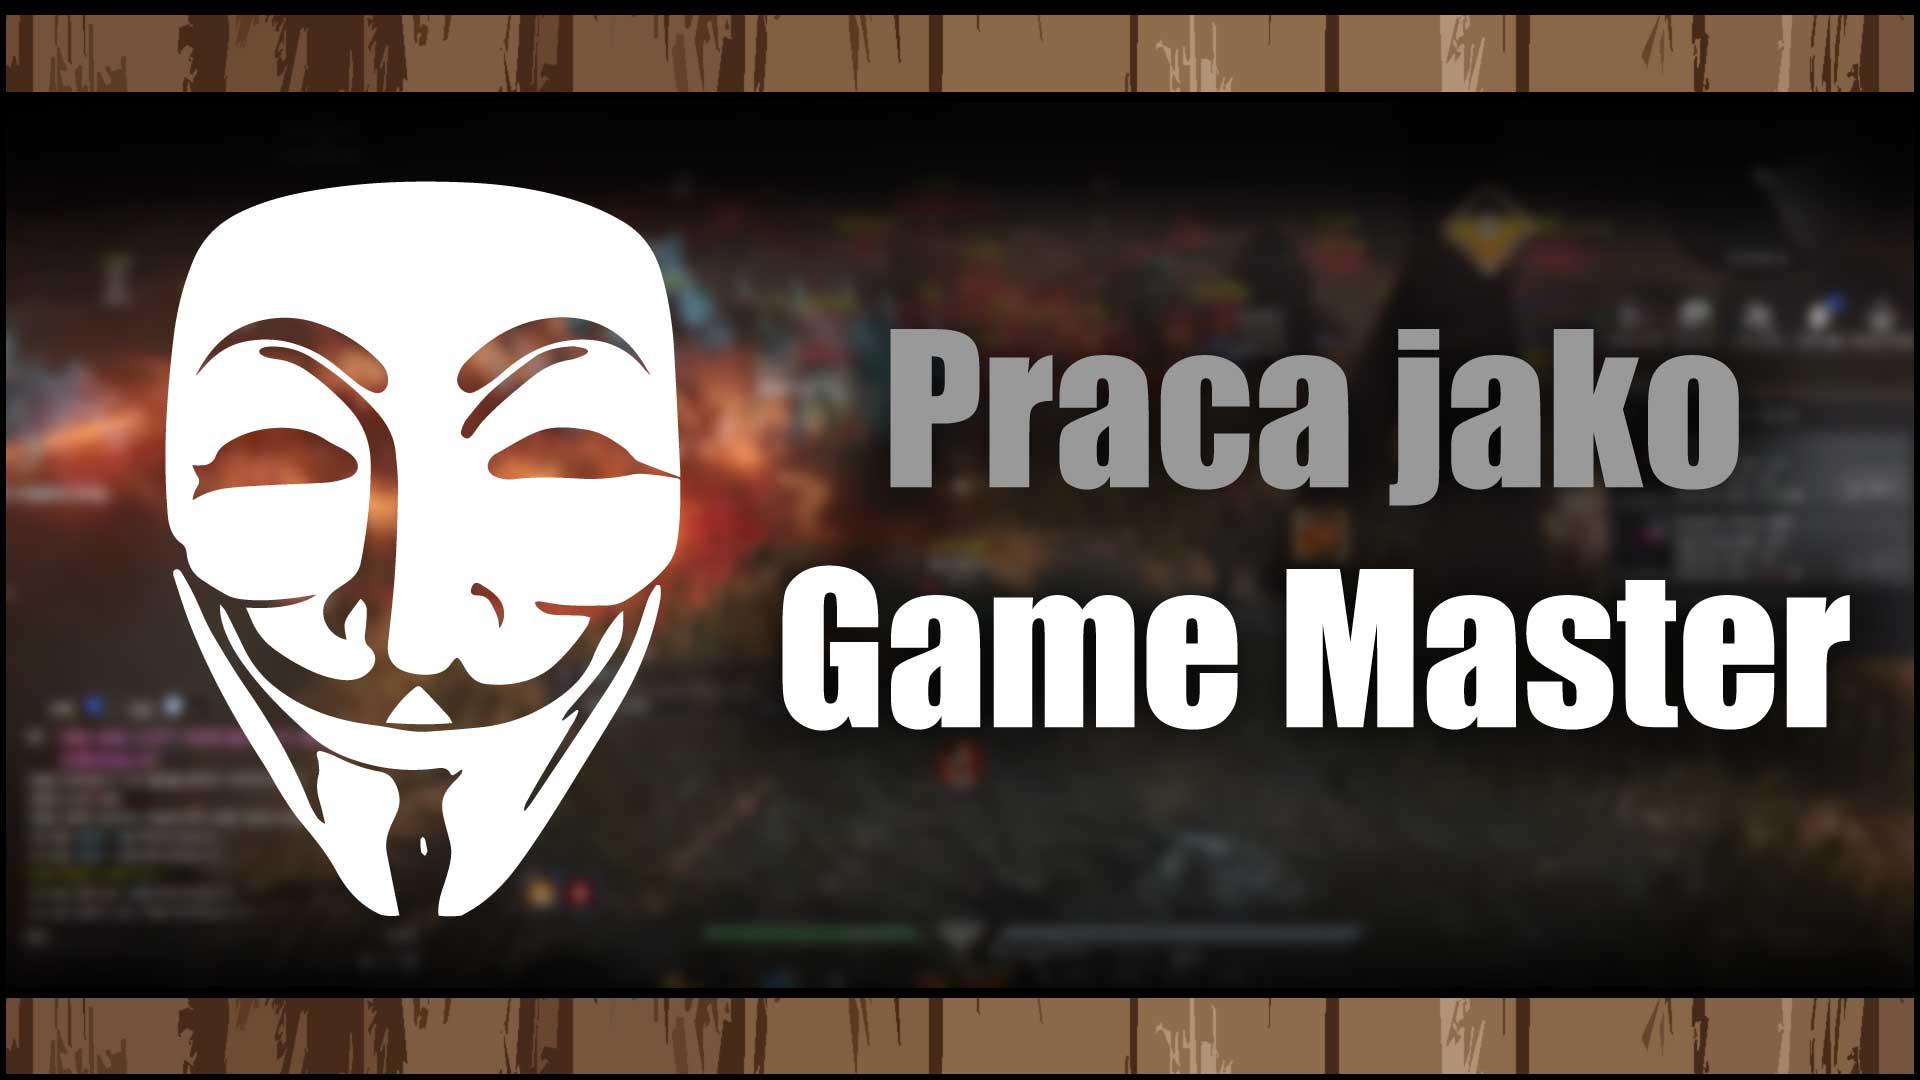 Praca jako Game Master – Wymagania, zarobki